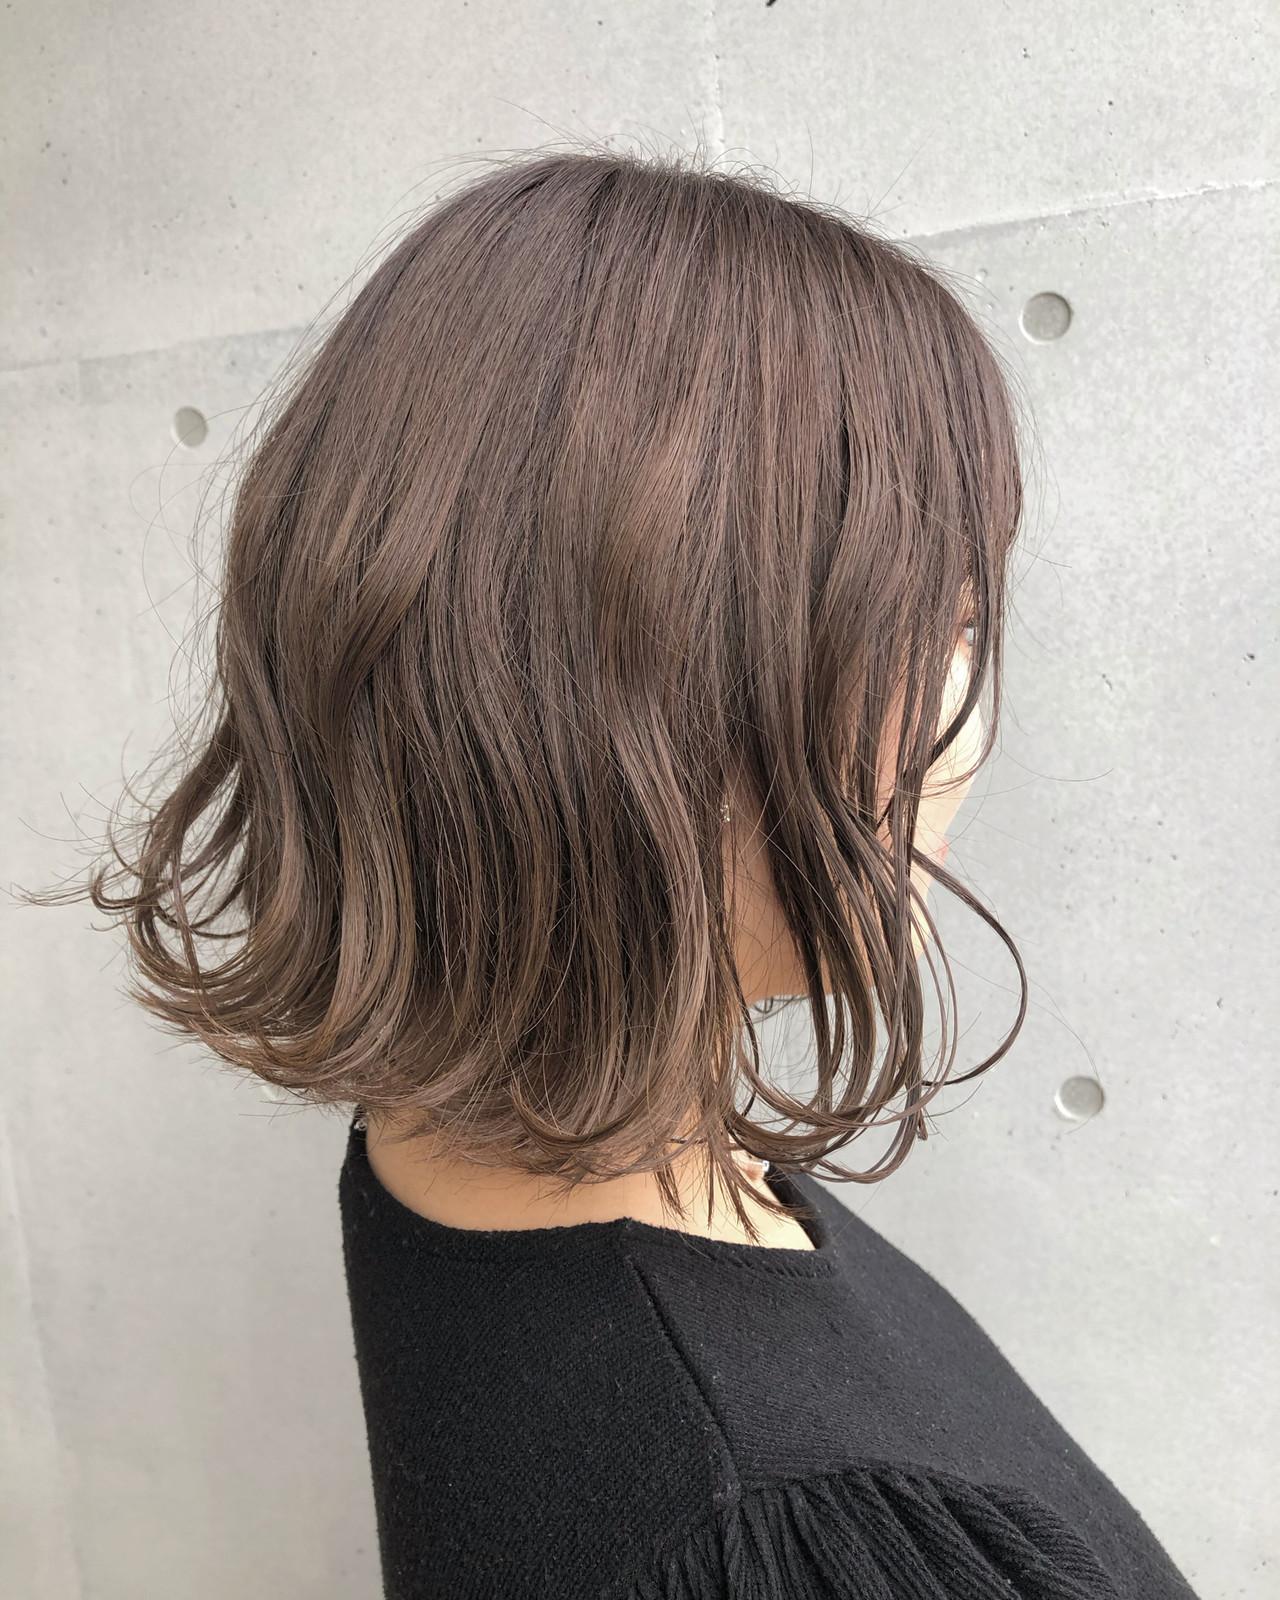 ミルクティーベージュ ナチュラル チョコレート ラベンダーグレージュ ヘアスタイルや髪型の写真・画像